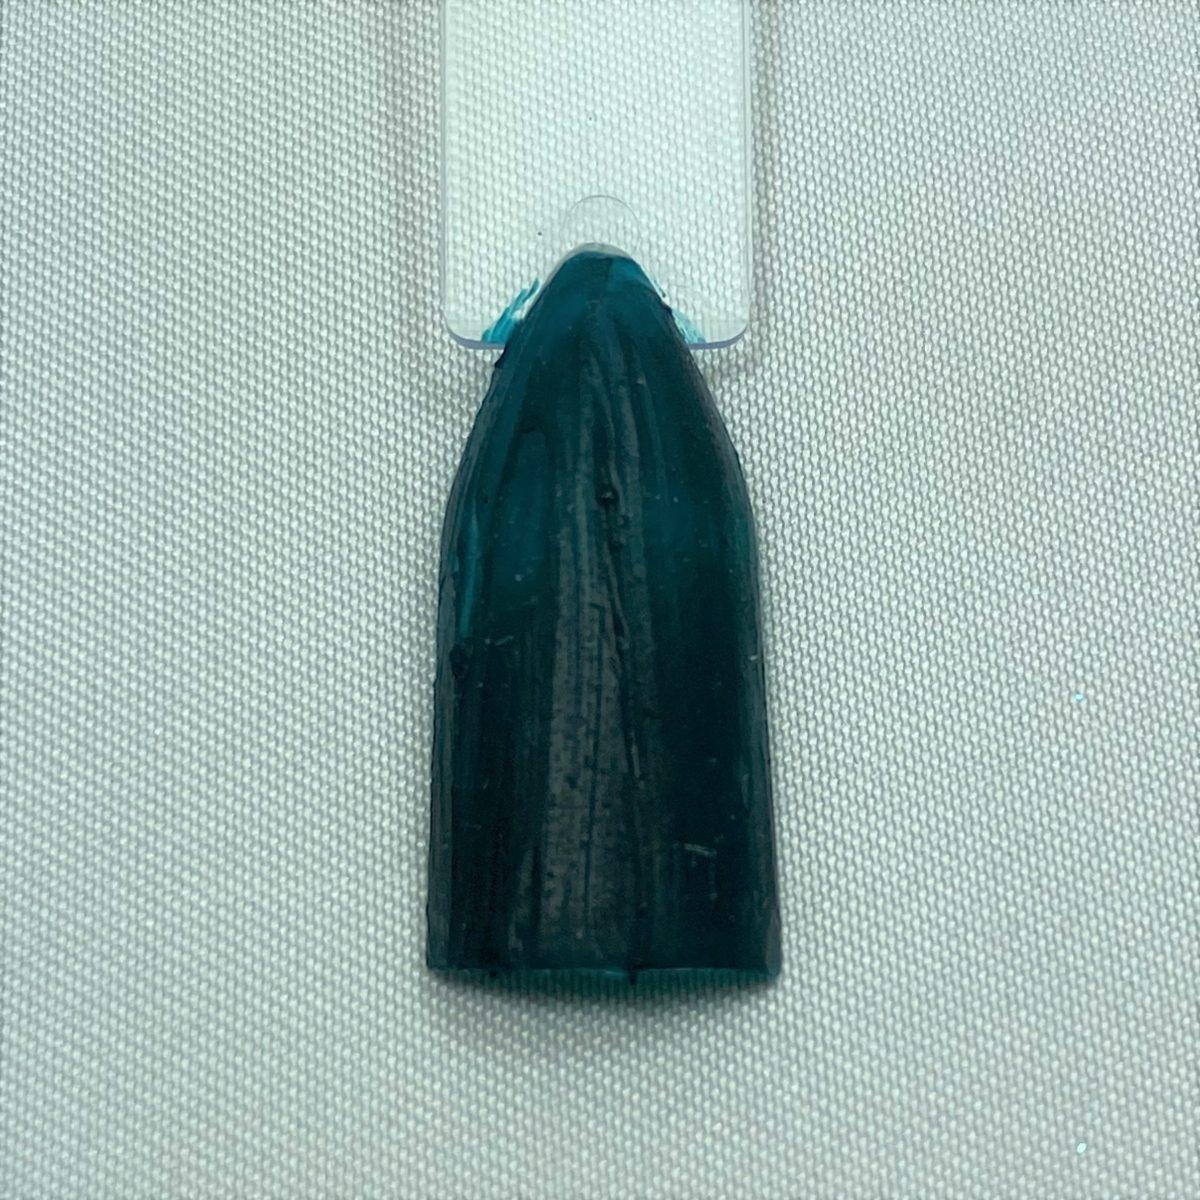 Melty Gel (メルティジェル) 3Dアートジェル Green